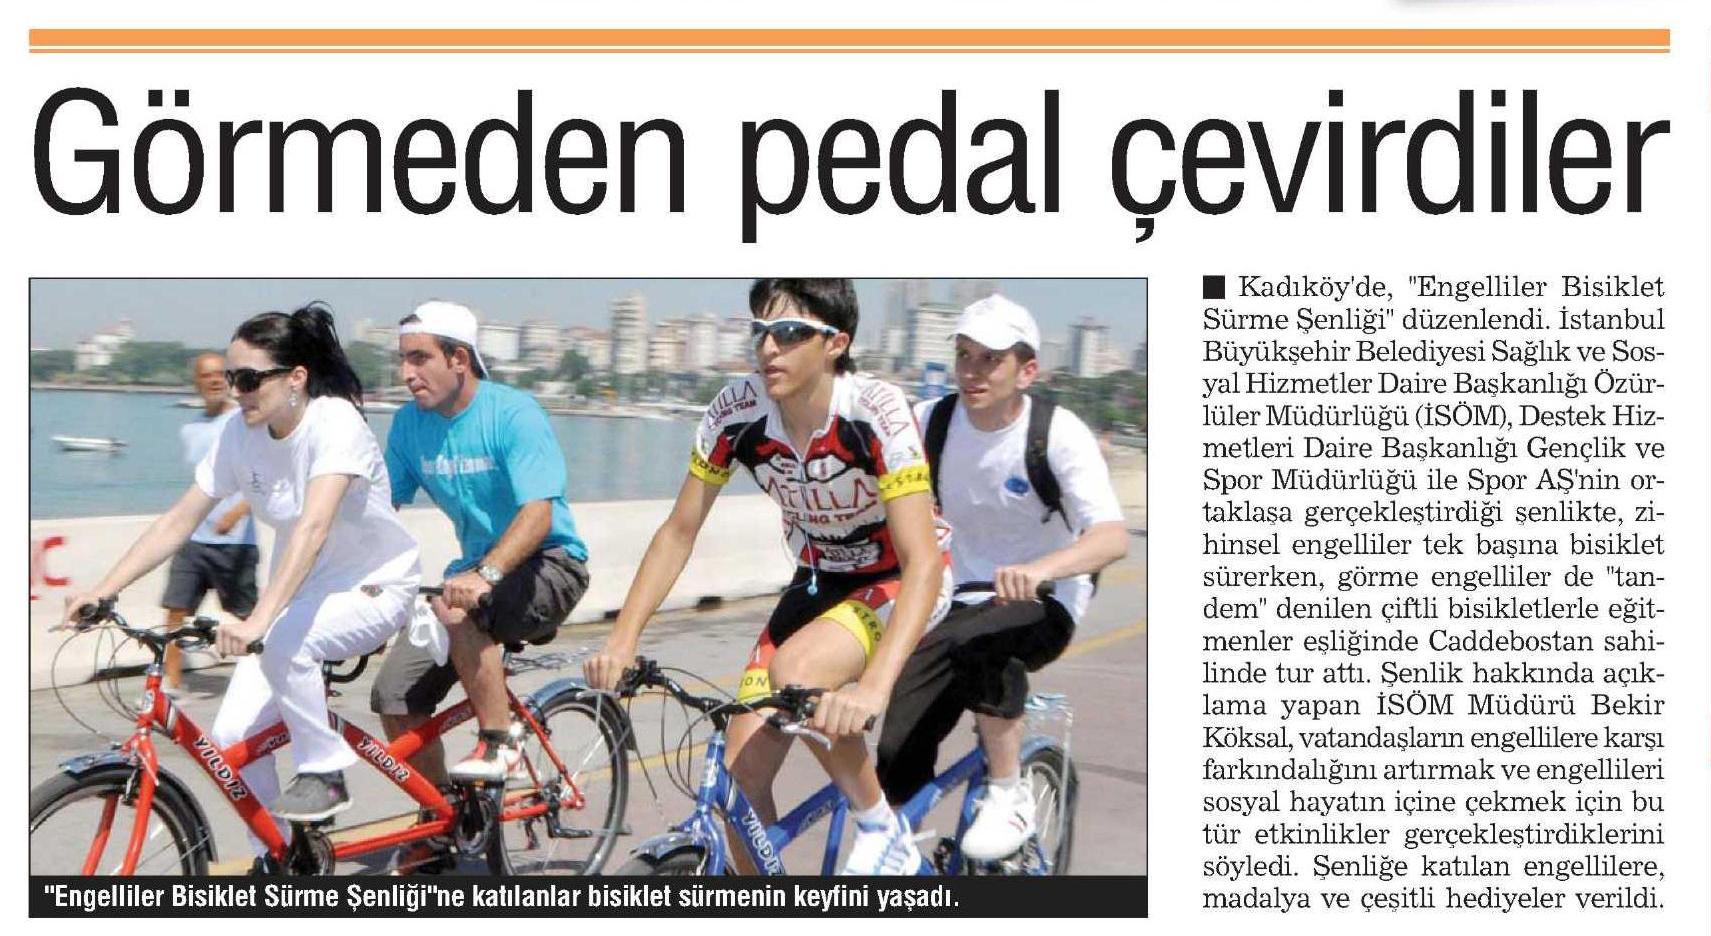 14.06.2012_turkiye_görmeden_pedal